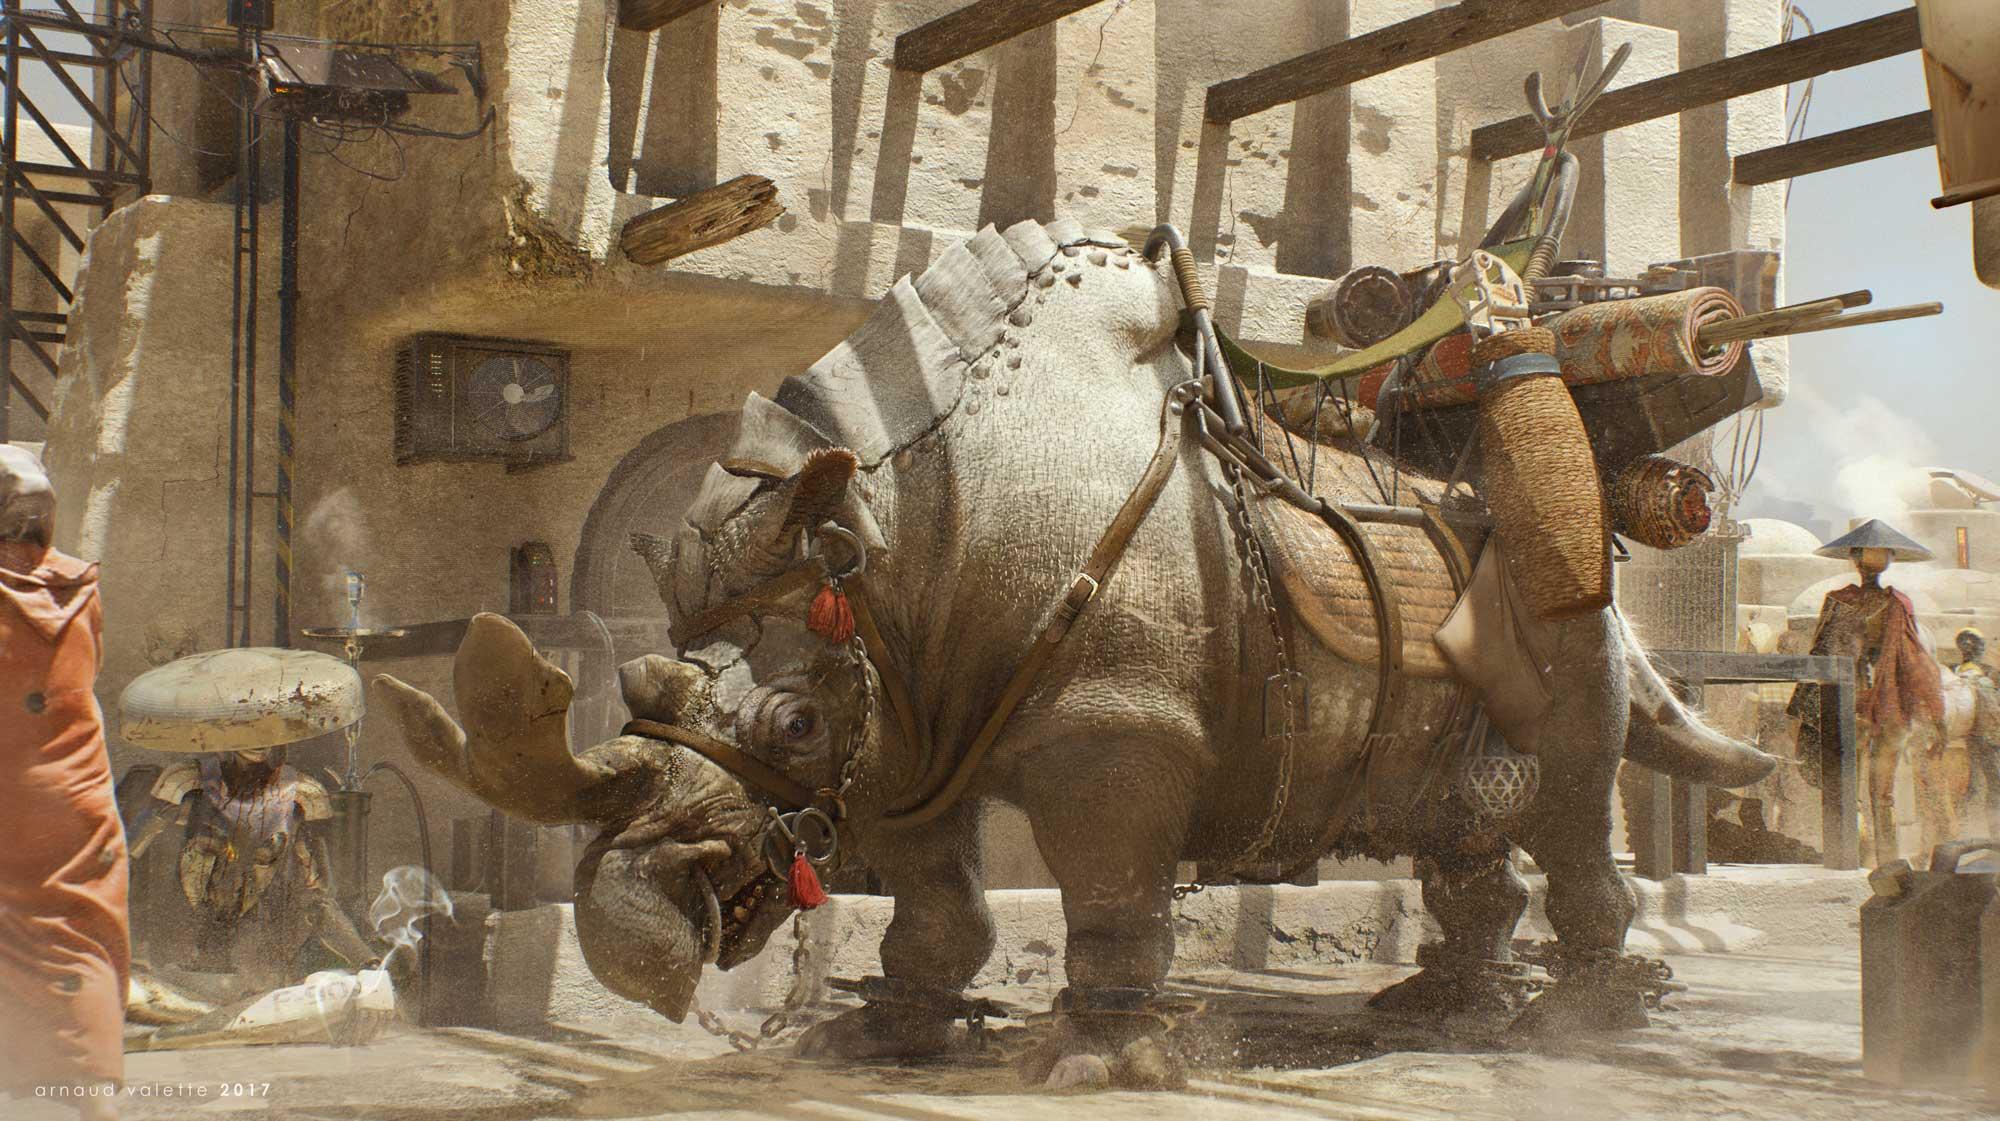 Rhino_Concept_02